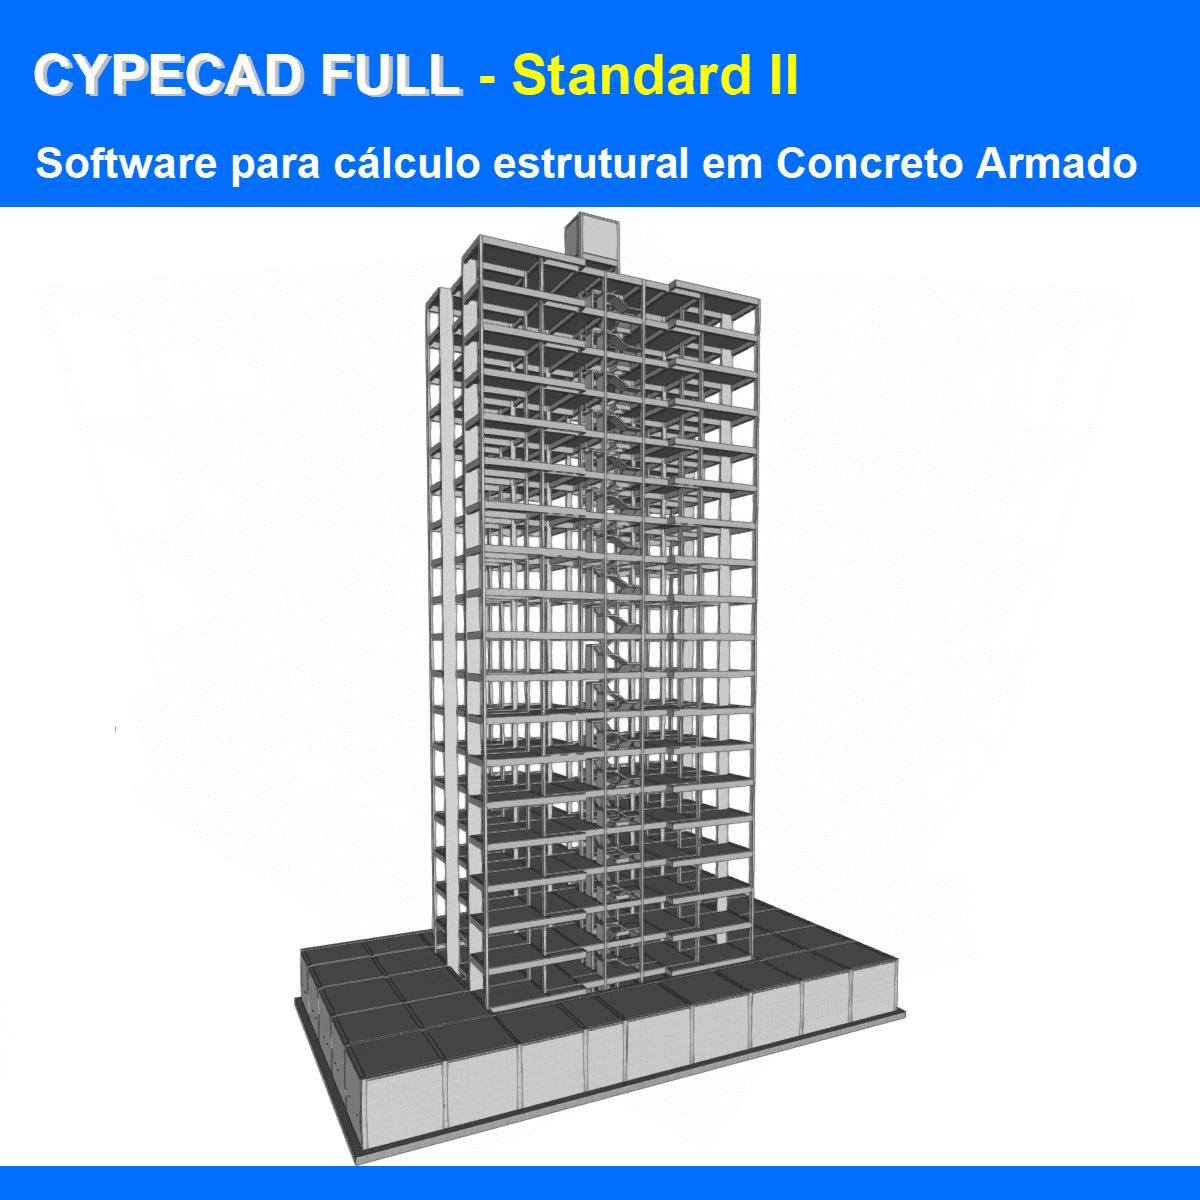 """Software CYPECAD Full Standard II versão 2021 (Licença Eletrônica) incluindo a modulação descrita em """"Itens Inclusos"""" a seguir  - MULTIPLUS SOFTWARES"""